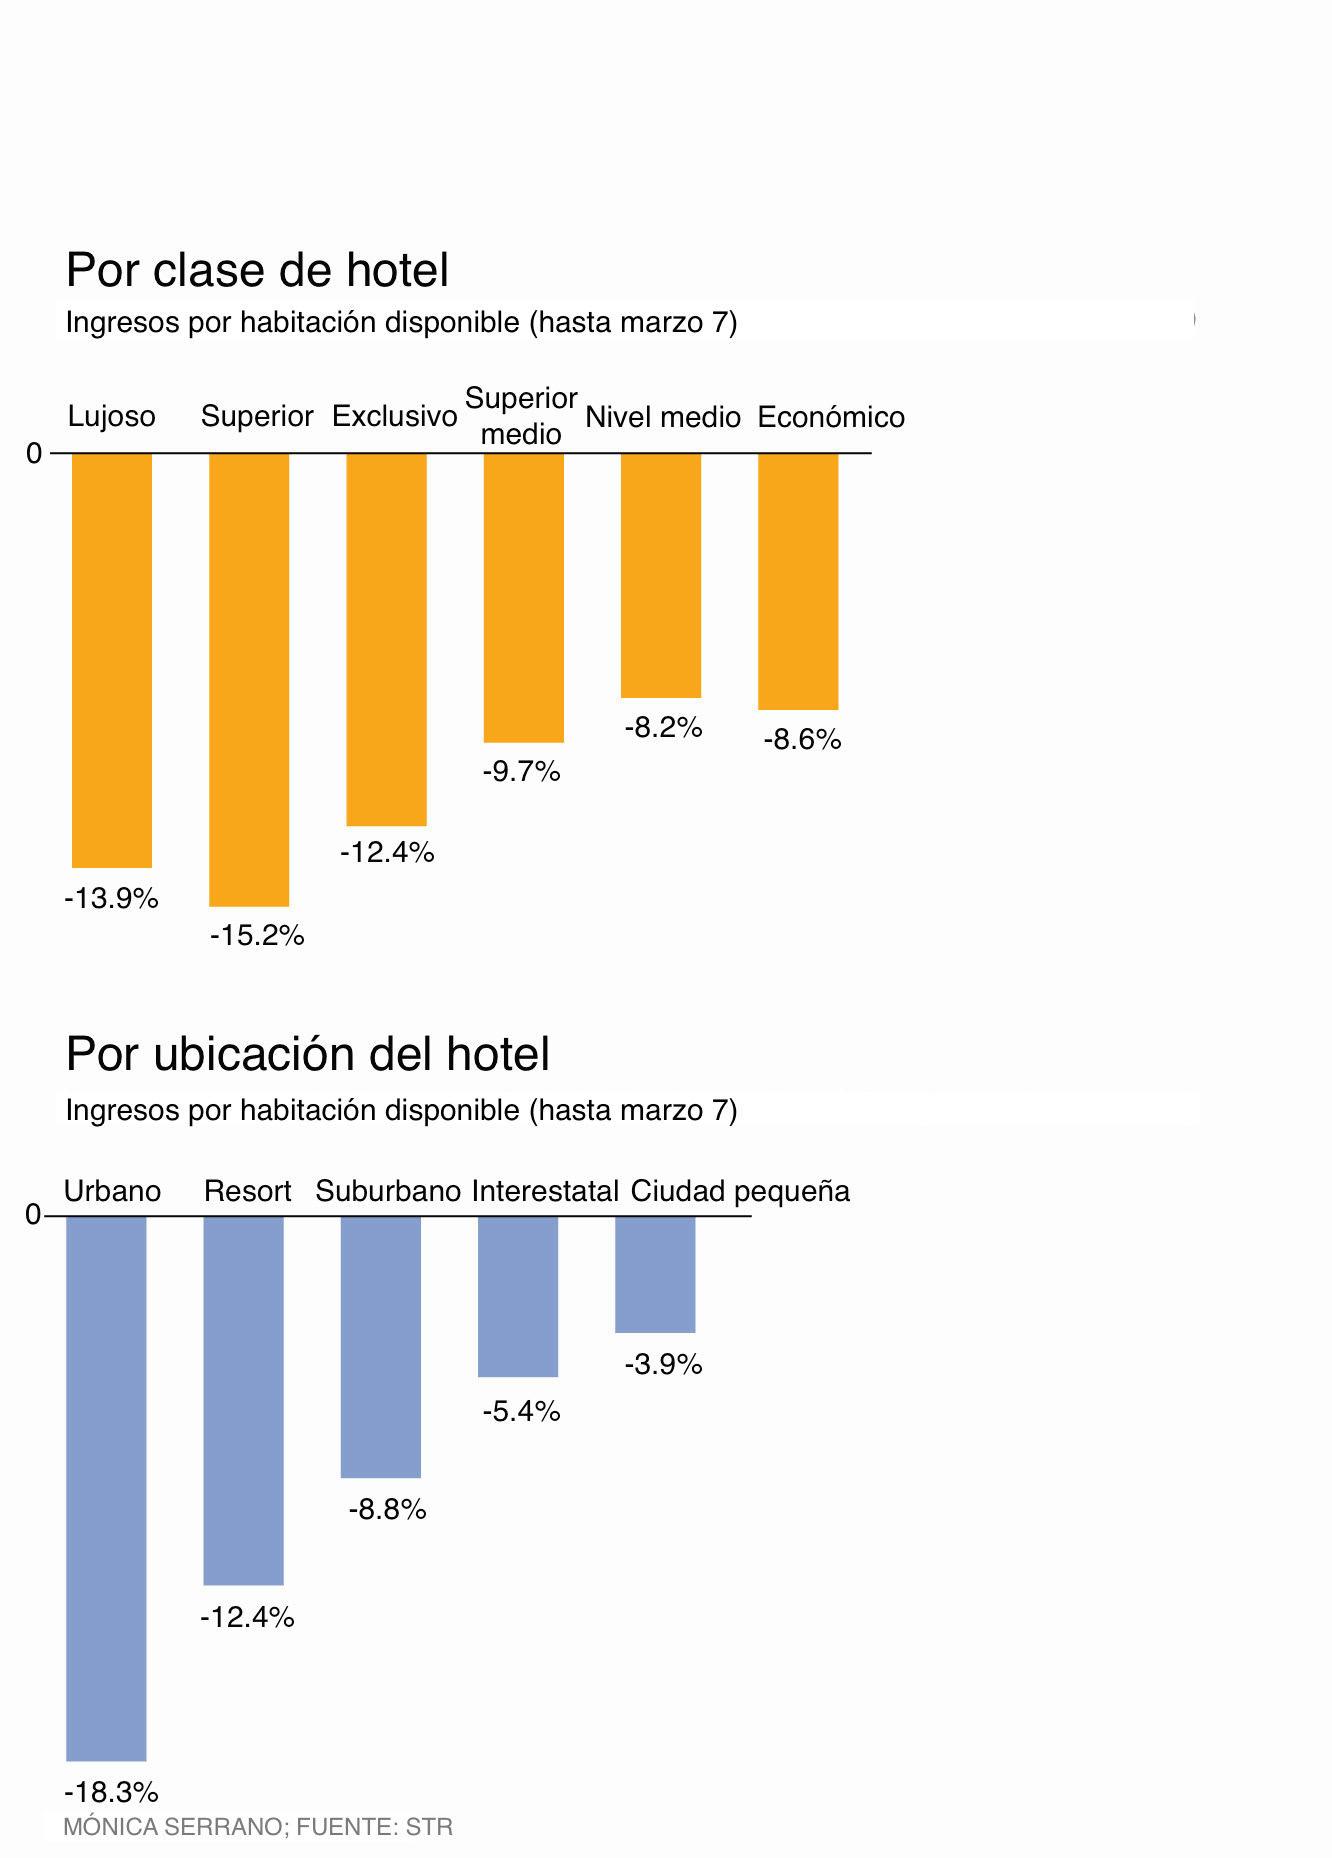 gráfica turismo hoteles coronavirus